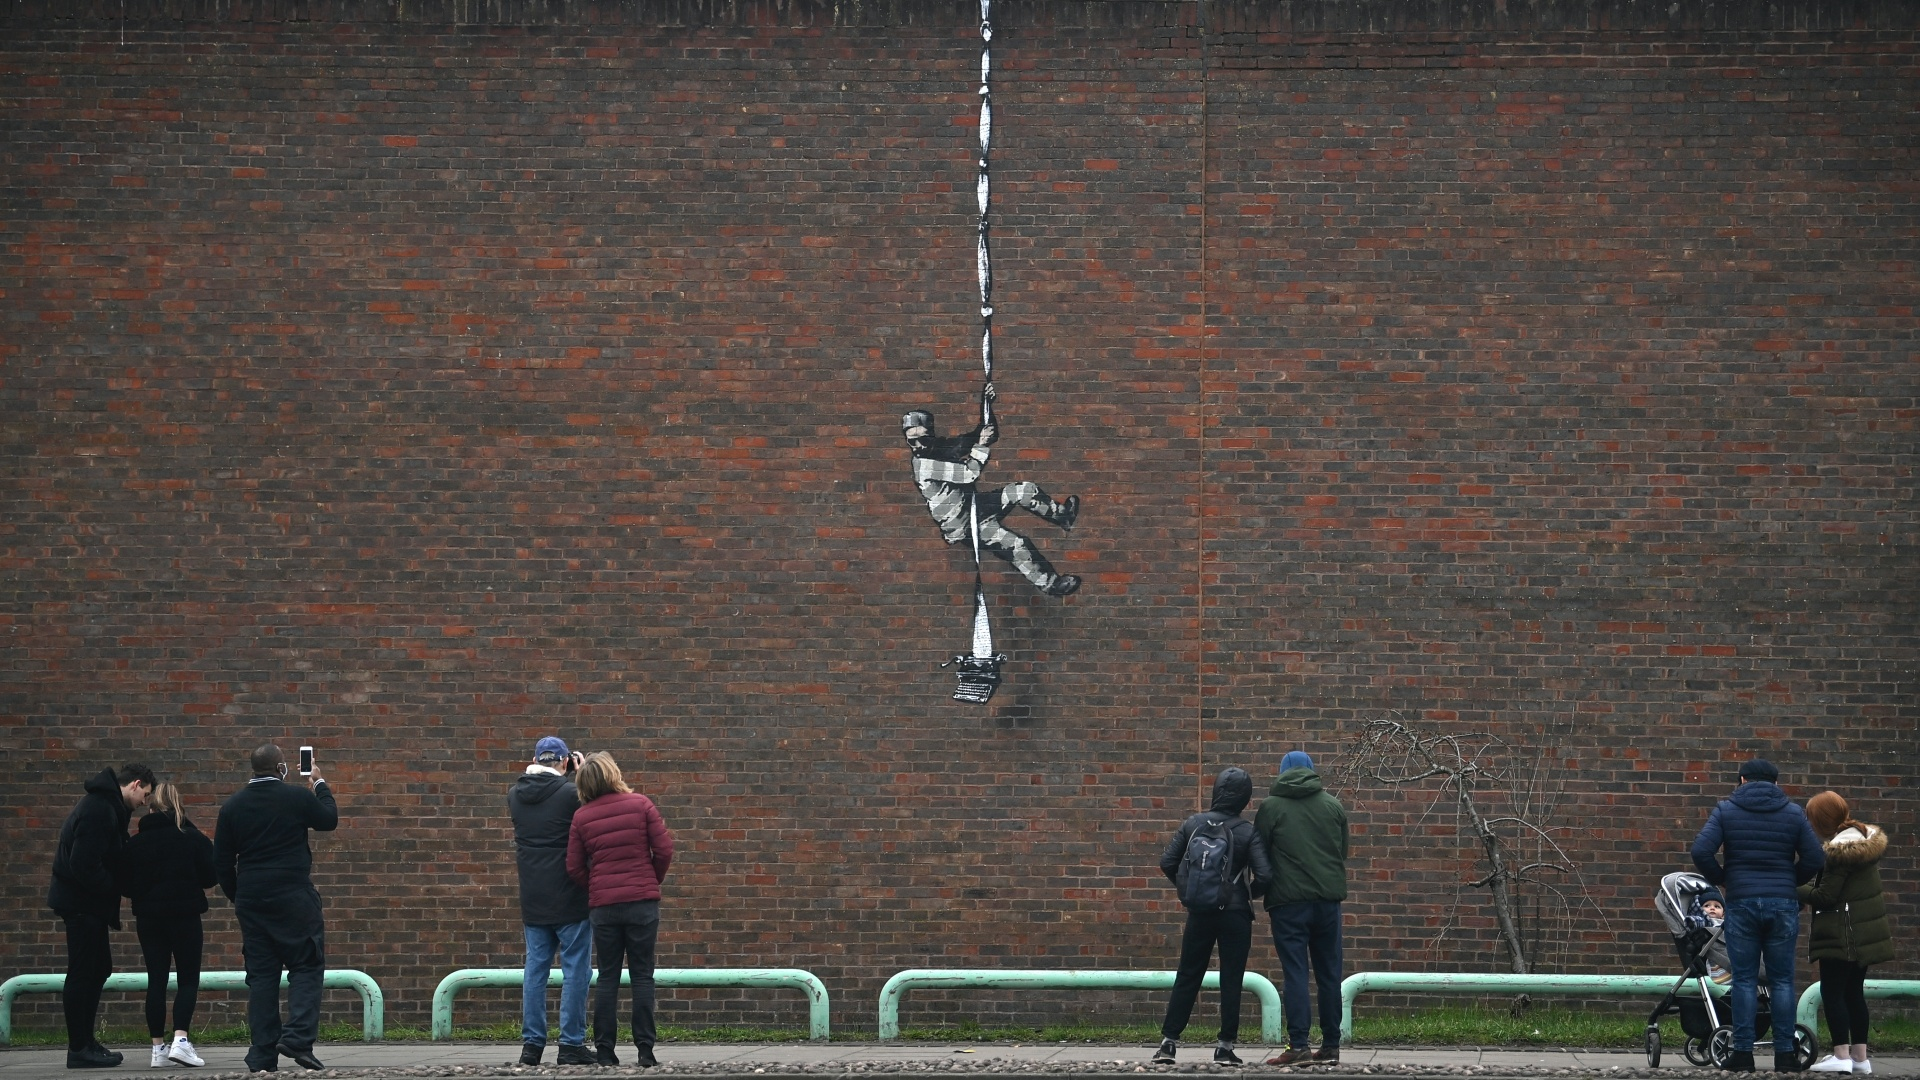 Banksy-graffity a readingi börtön falán